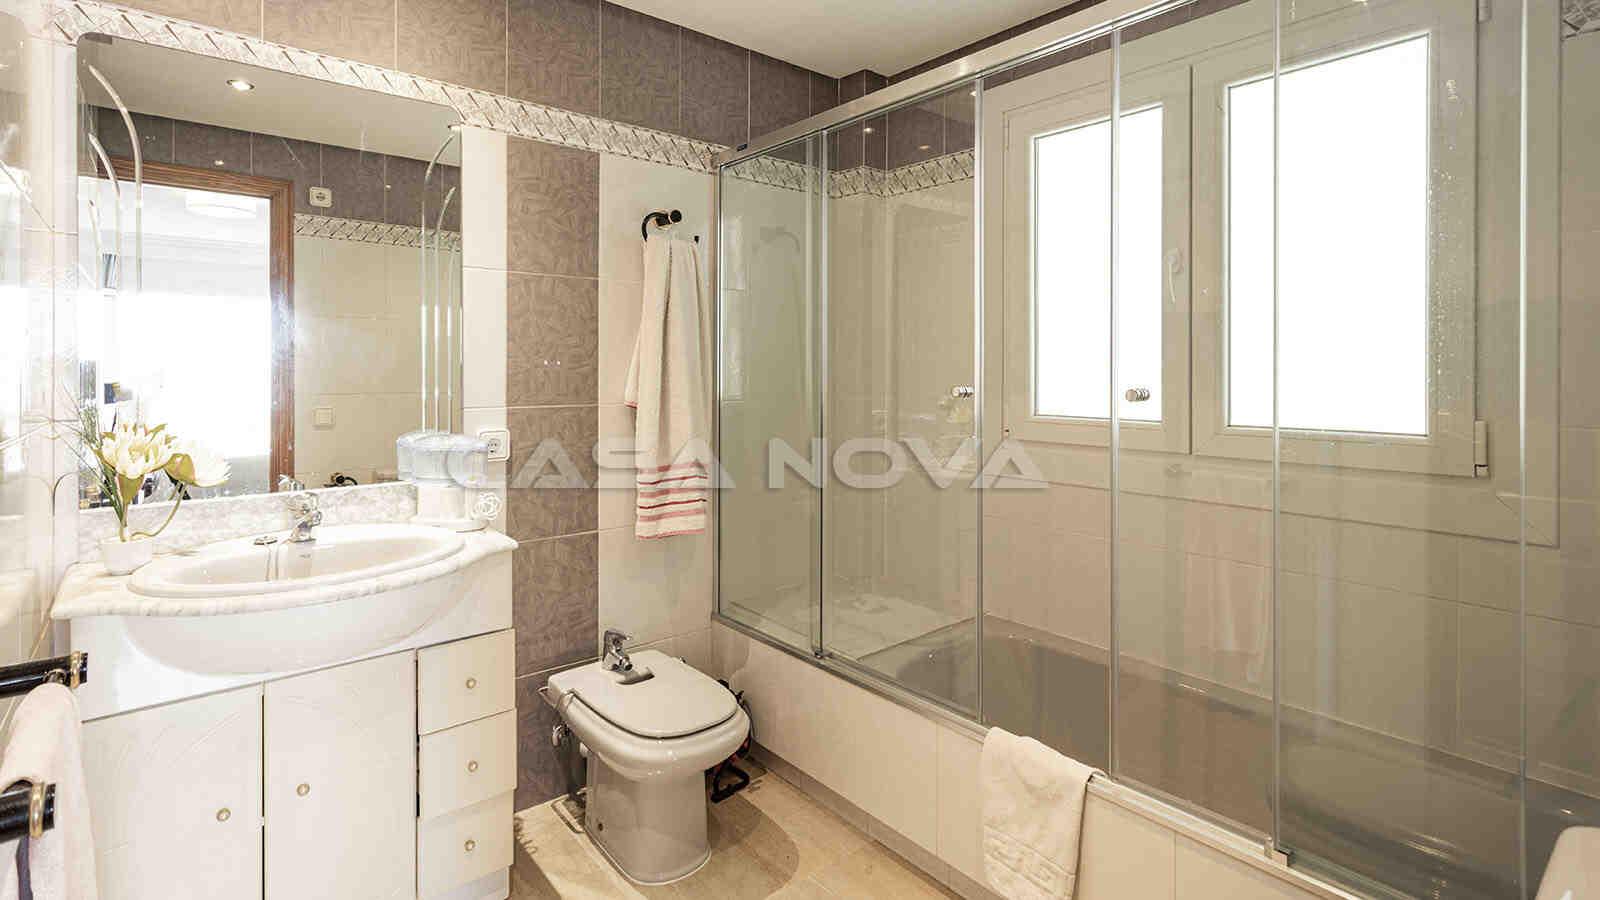 Geräumiges Badezimmer mit Badewanne und Glasdusche